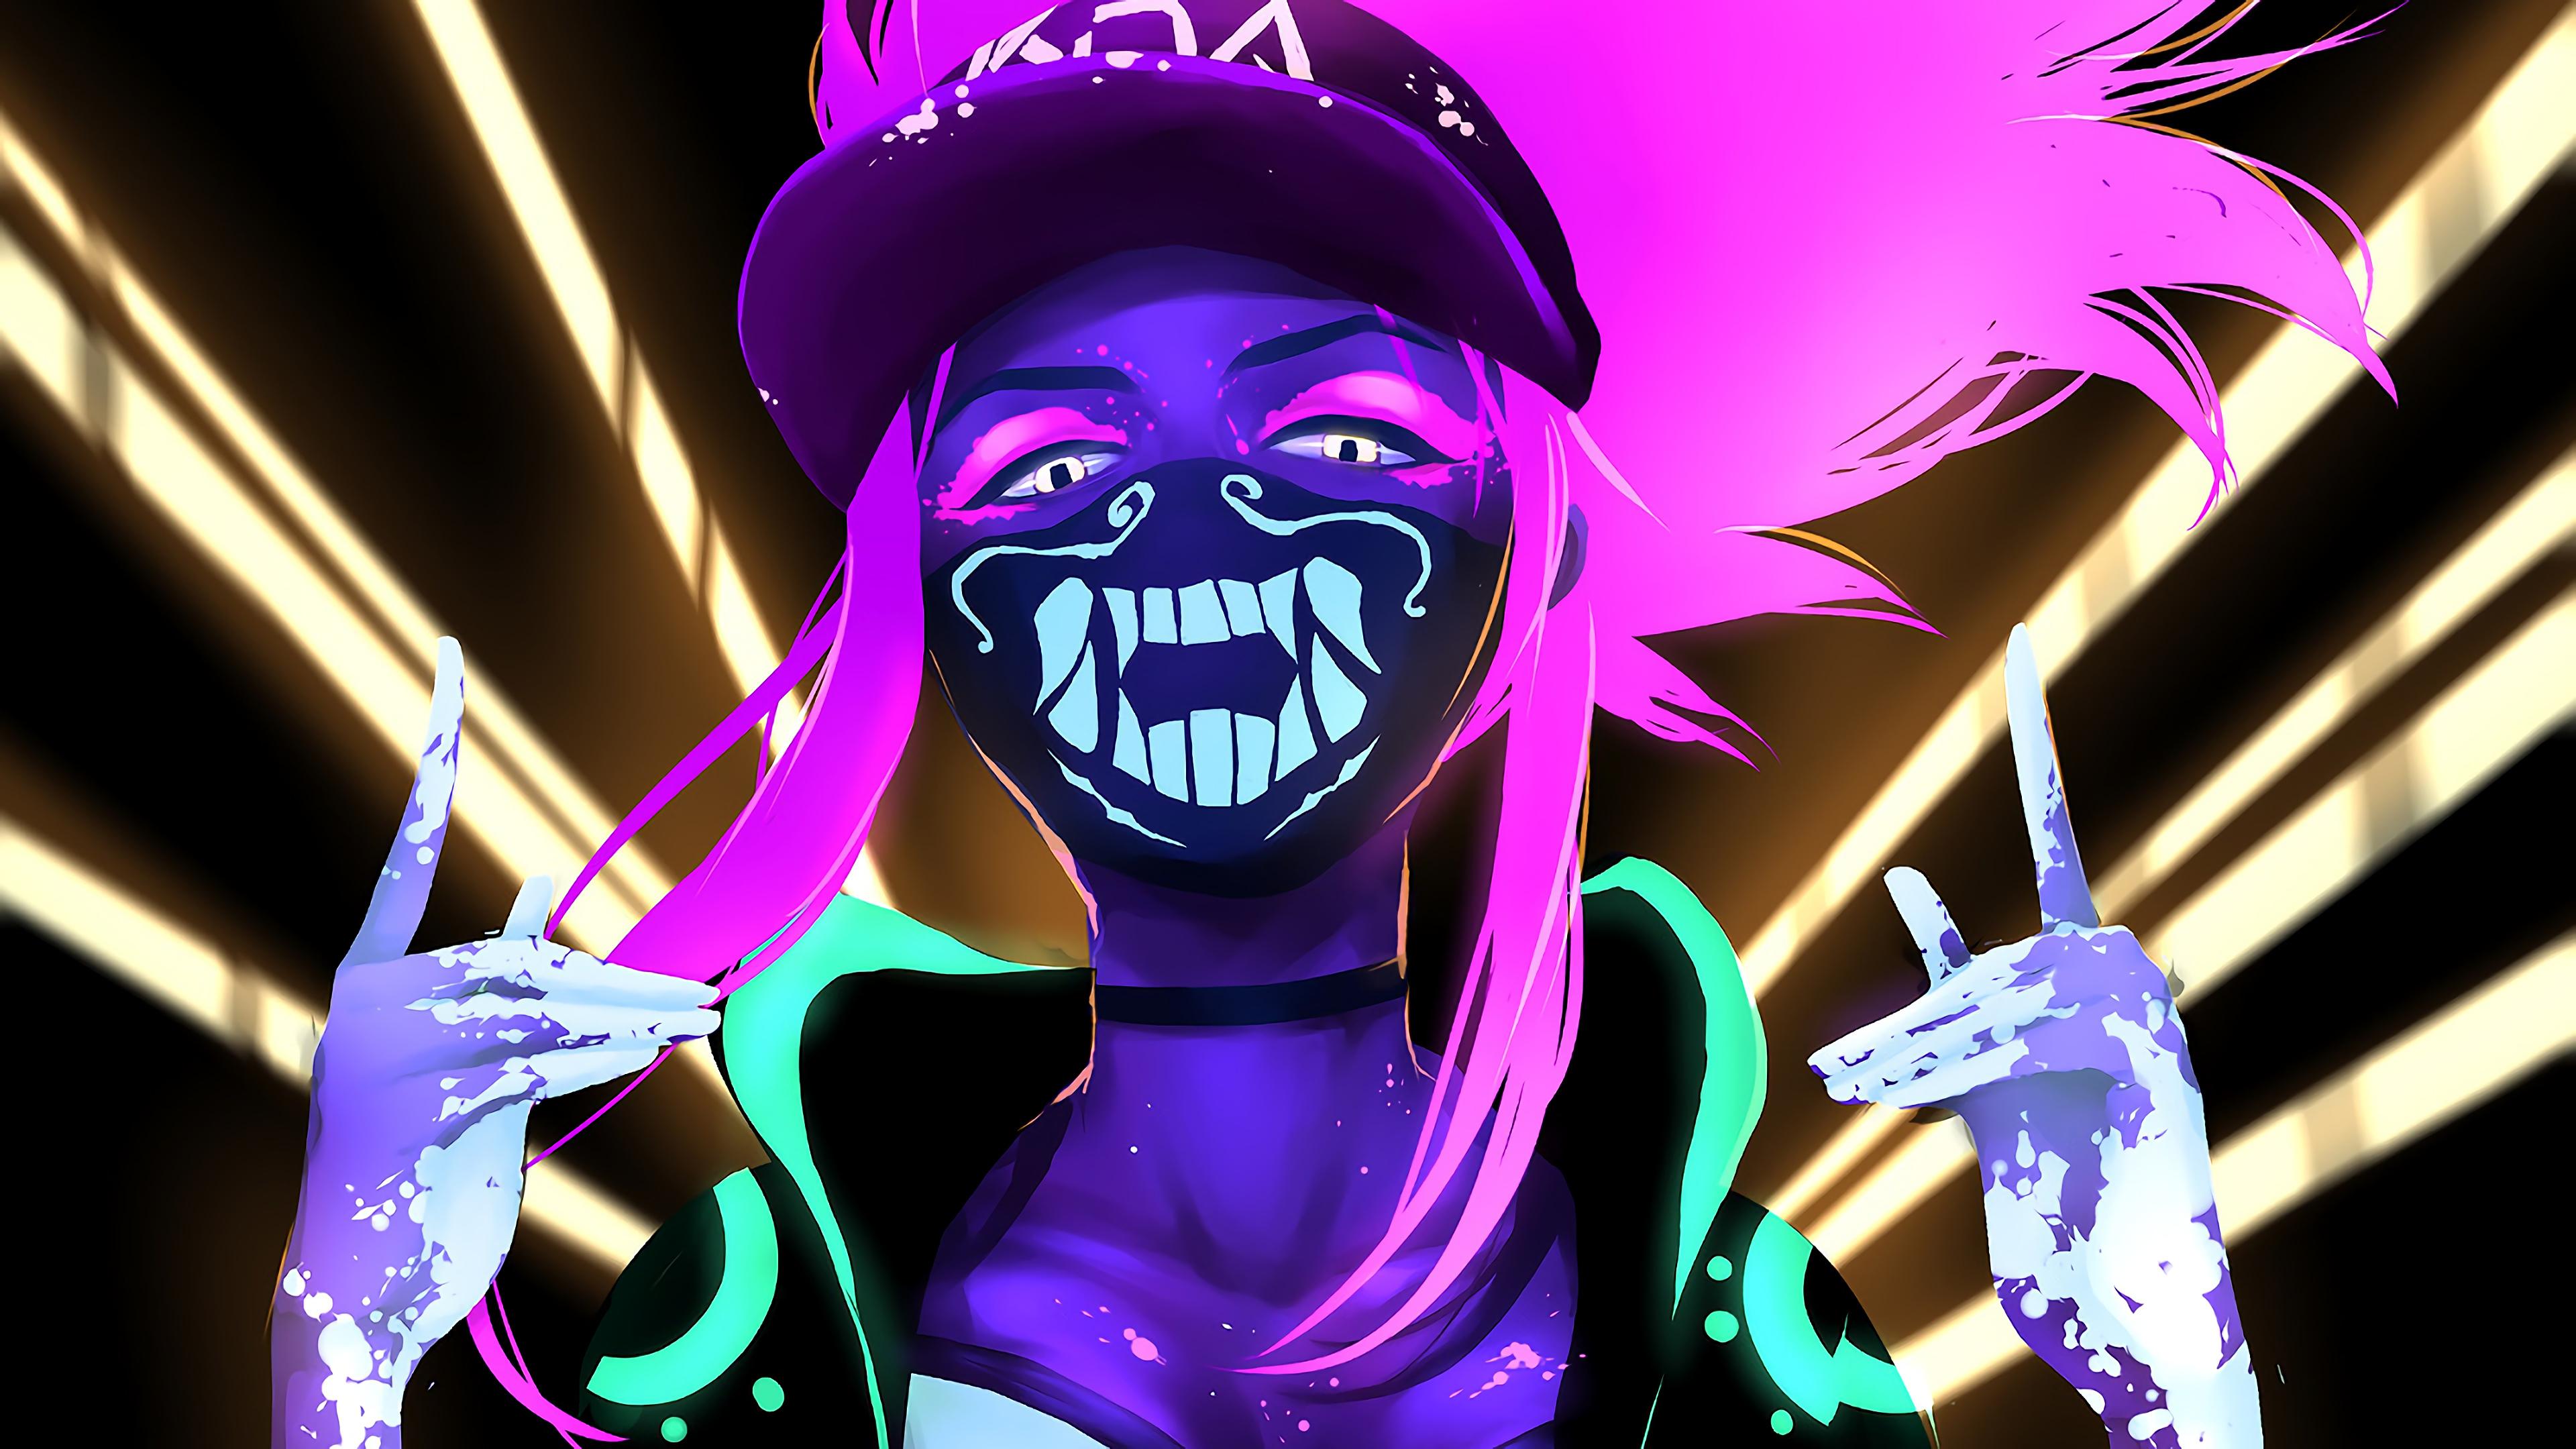 k da akali mask neon lol league of legends lol 1574105101 - K/DA Akali Mask Neon LoL League of Legends lol - league of legends, K/DA Akali, K/DA - League of Legends, Akali